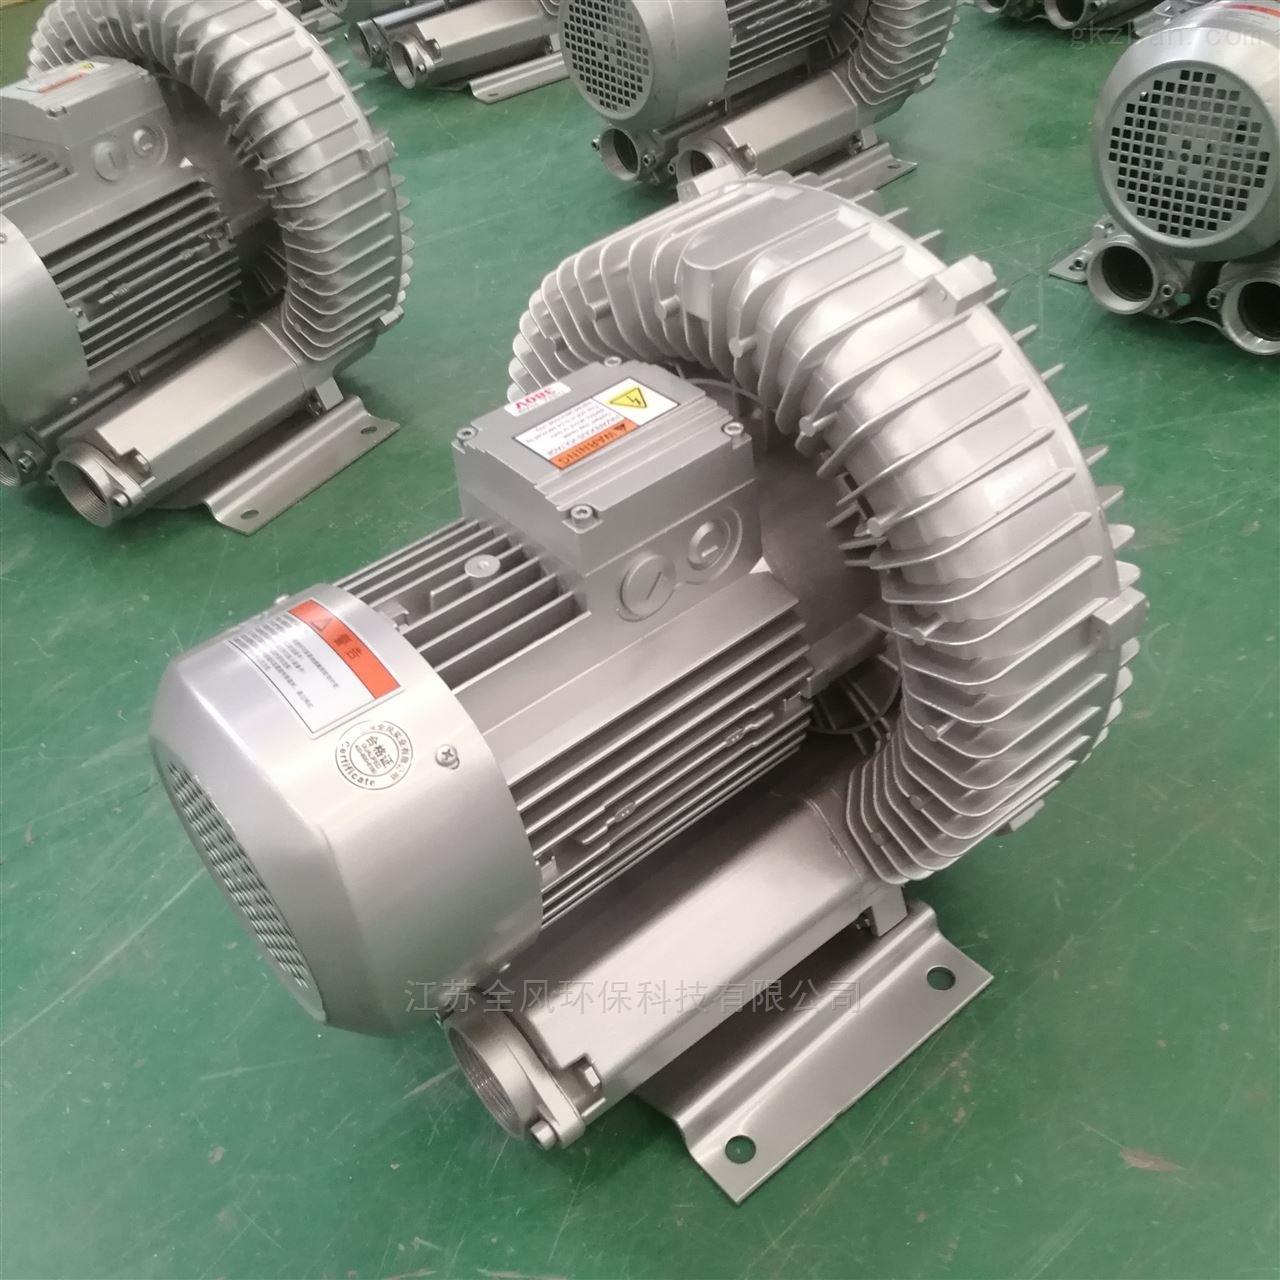 纺织机械配套专用高压风机